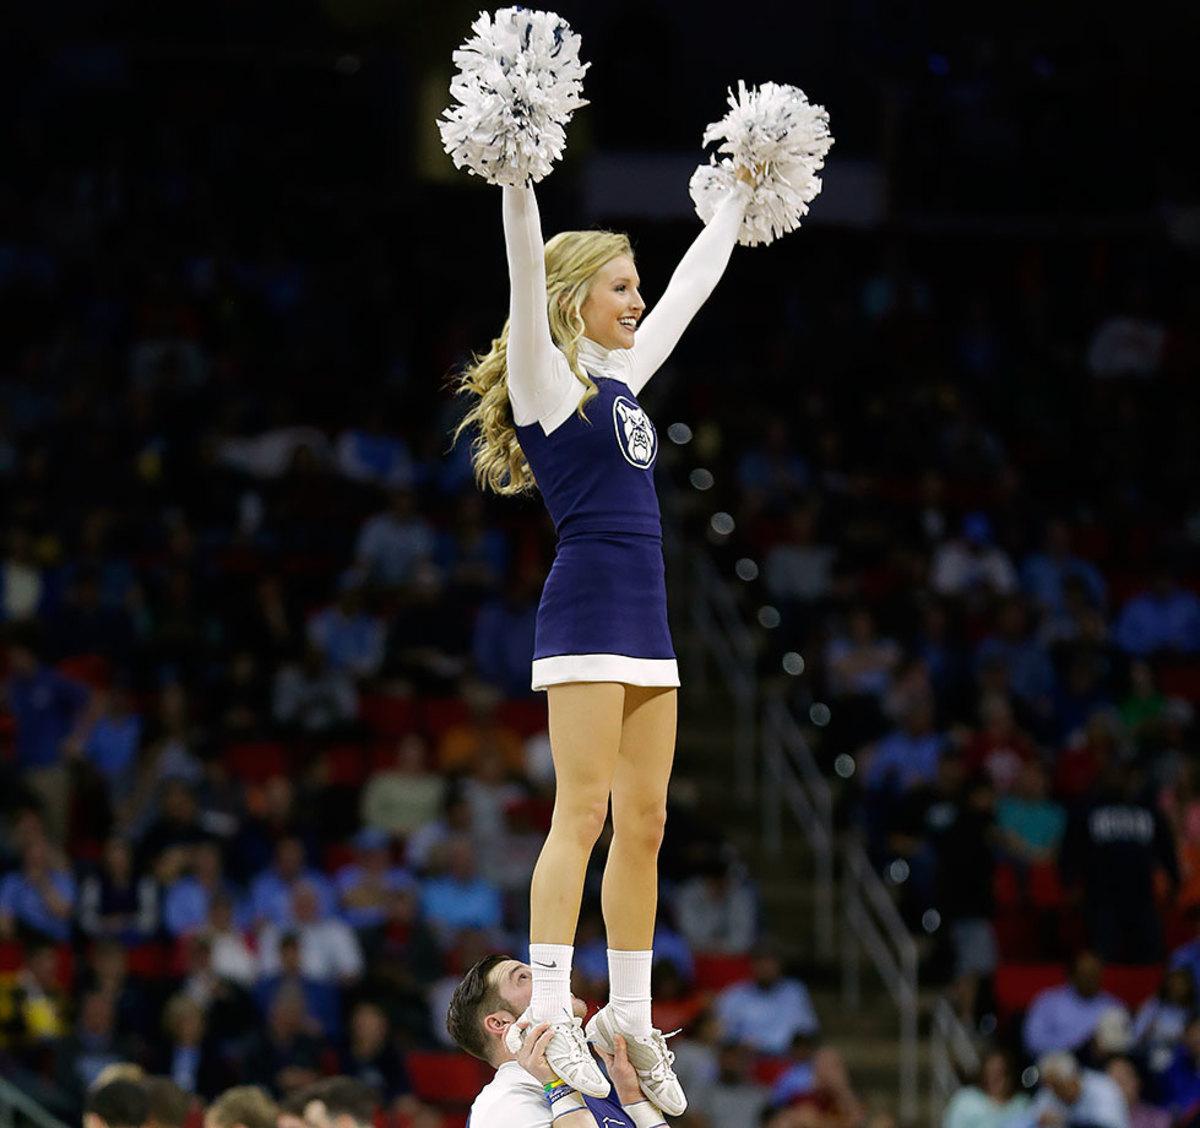 Butler-cheerleaders-19a518d572cf4cec963212e89815519f-0.jpg